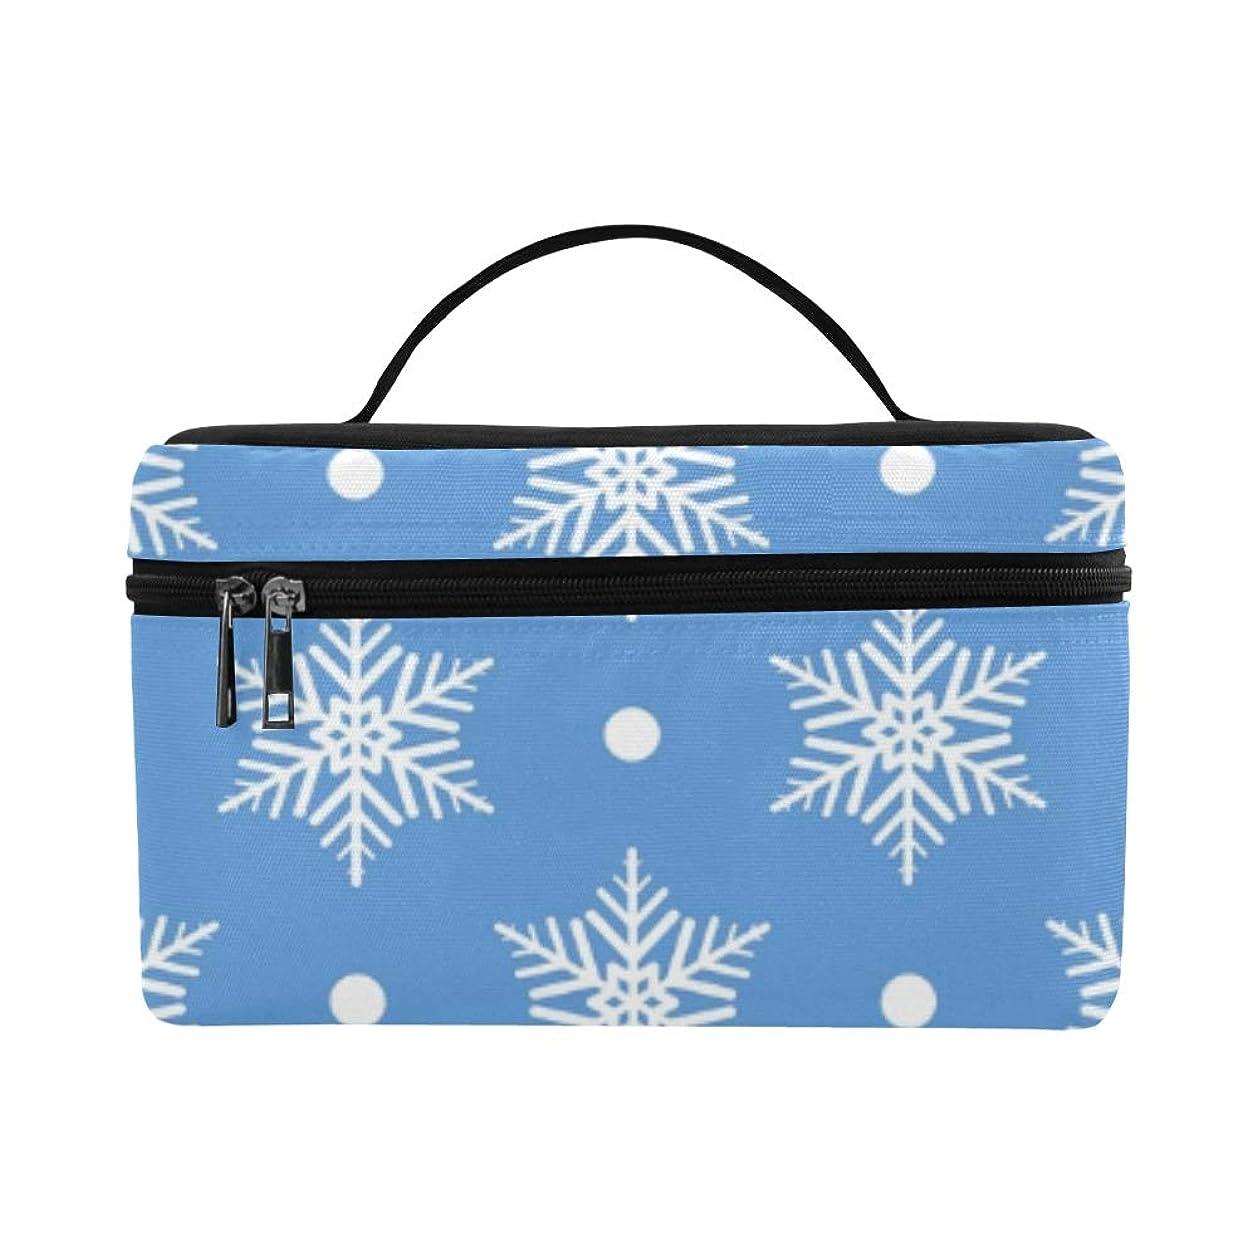 気味の悪いボードへこみGSHCJ メイクボックス コスメ収納 化粧品収納ケース 大容量 収納ボックス 化粧品入れ 化粧バッグ 旅行用 メイクブラシバッグ 化粧箱 持ち運び便利 プロ用 白い雪片